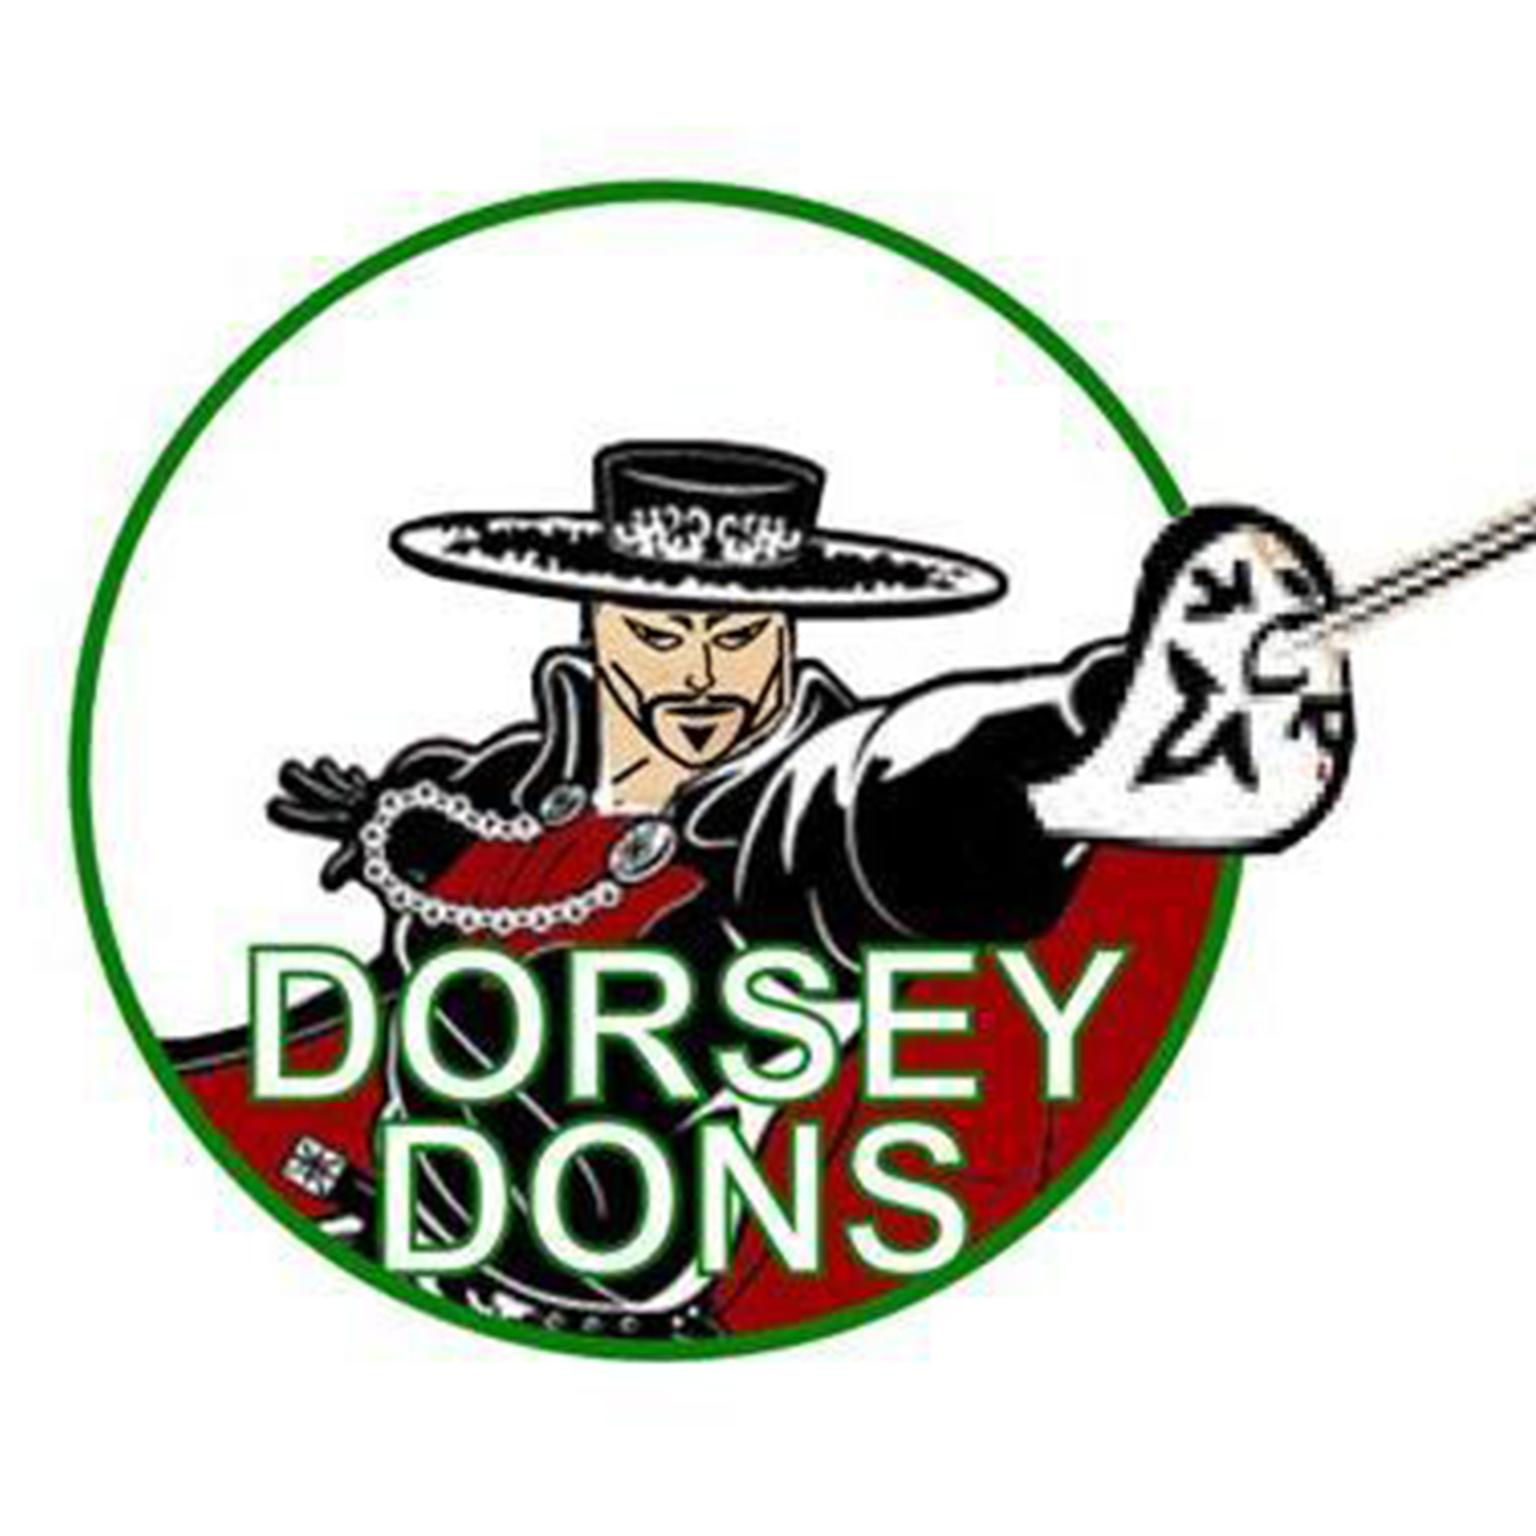 Dorsey Dons